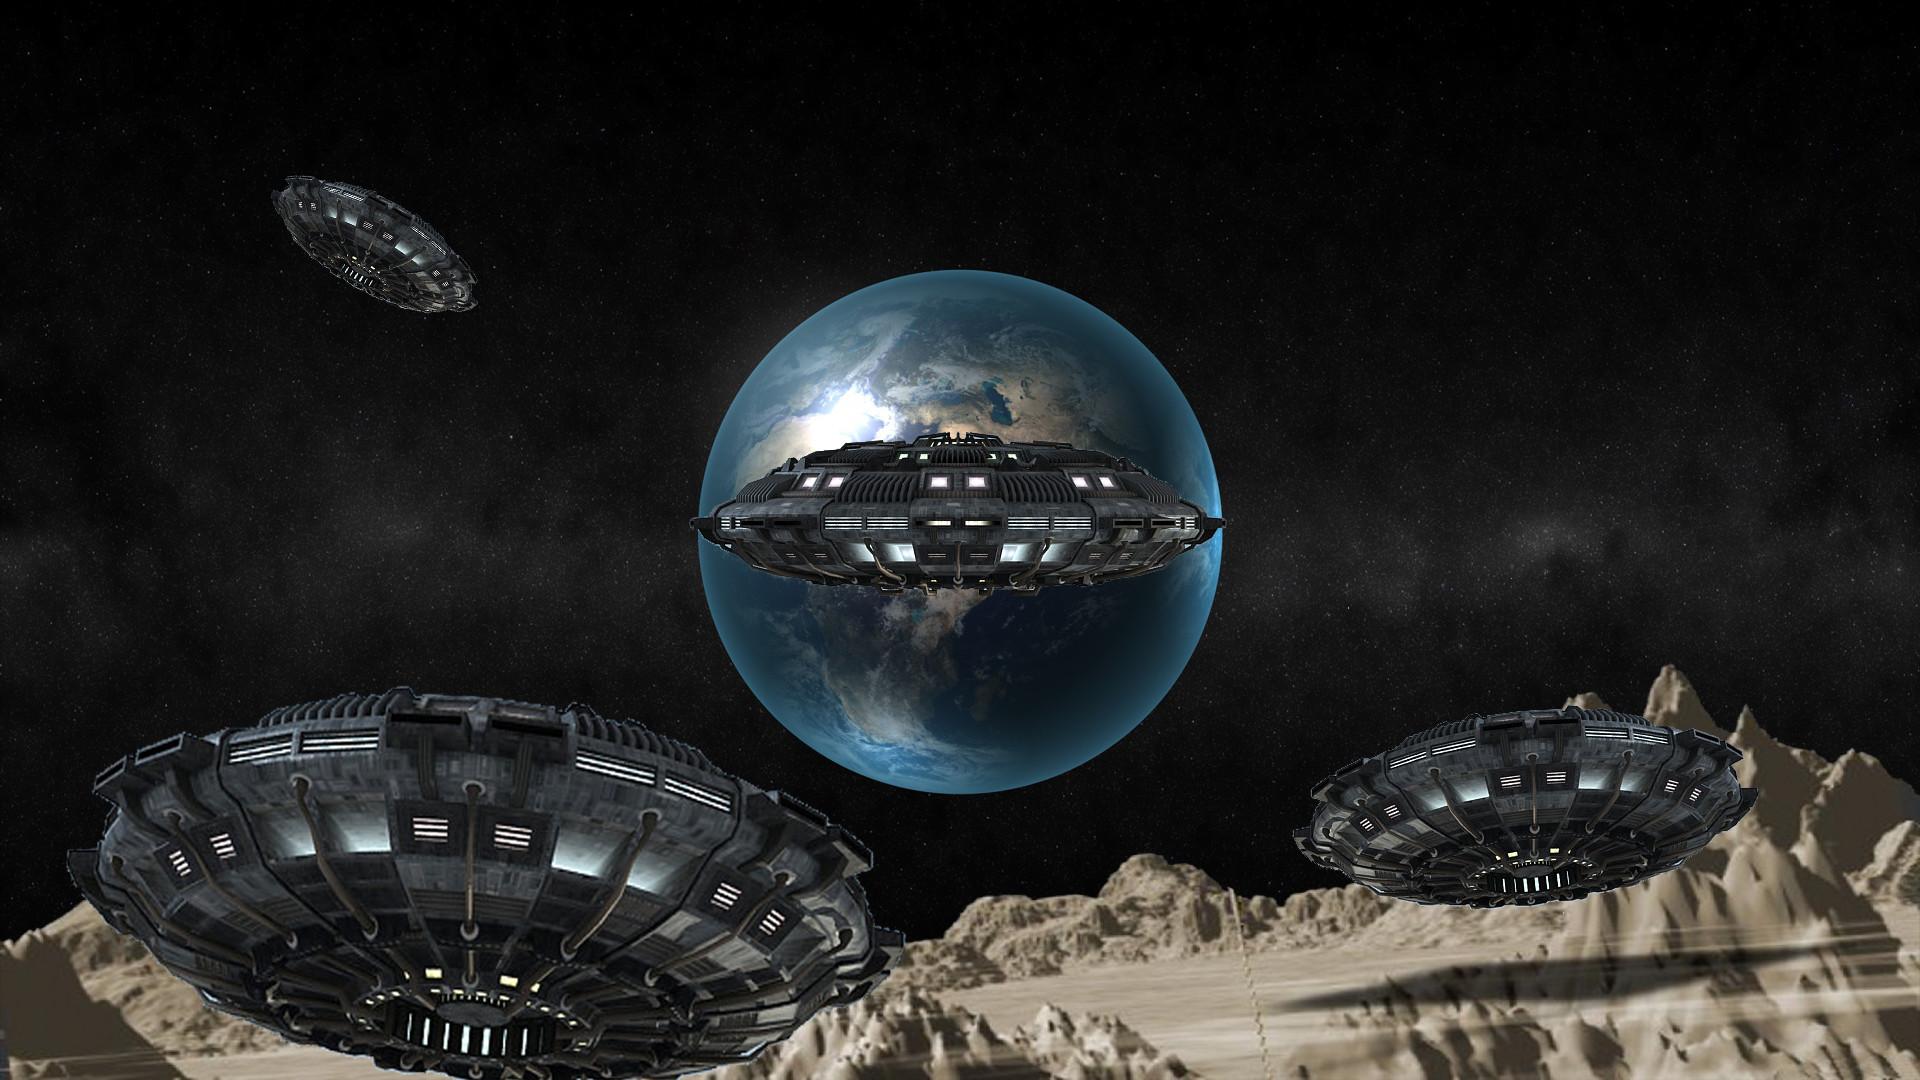 фотографии инопланетян из космоса дизайн